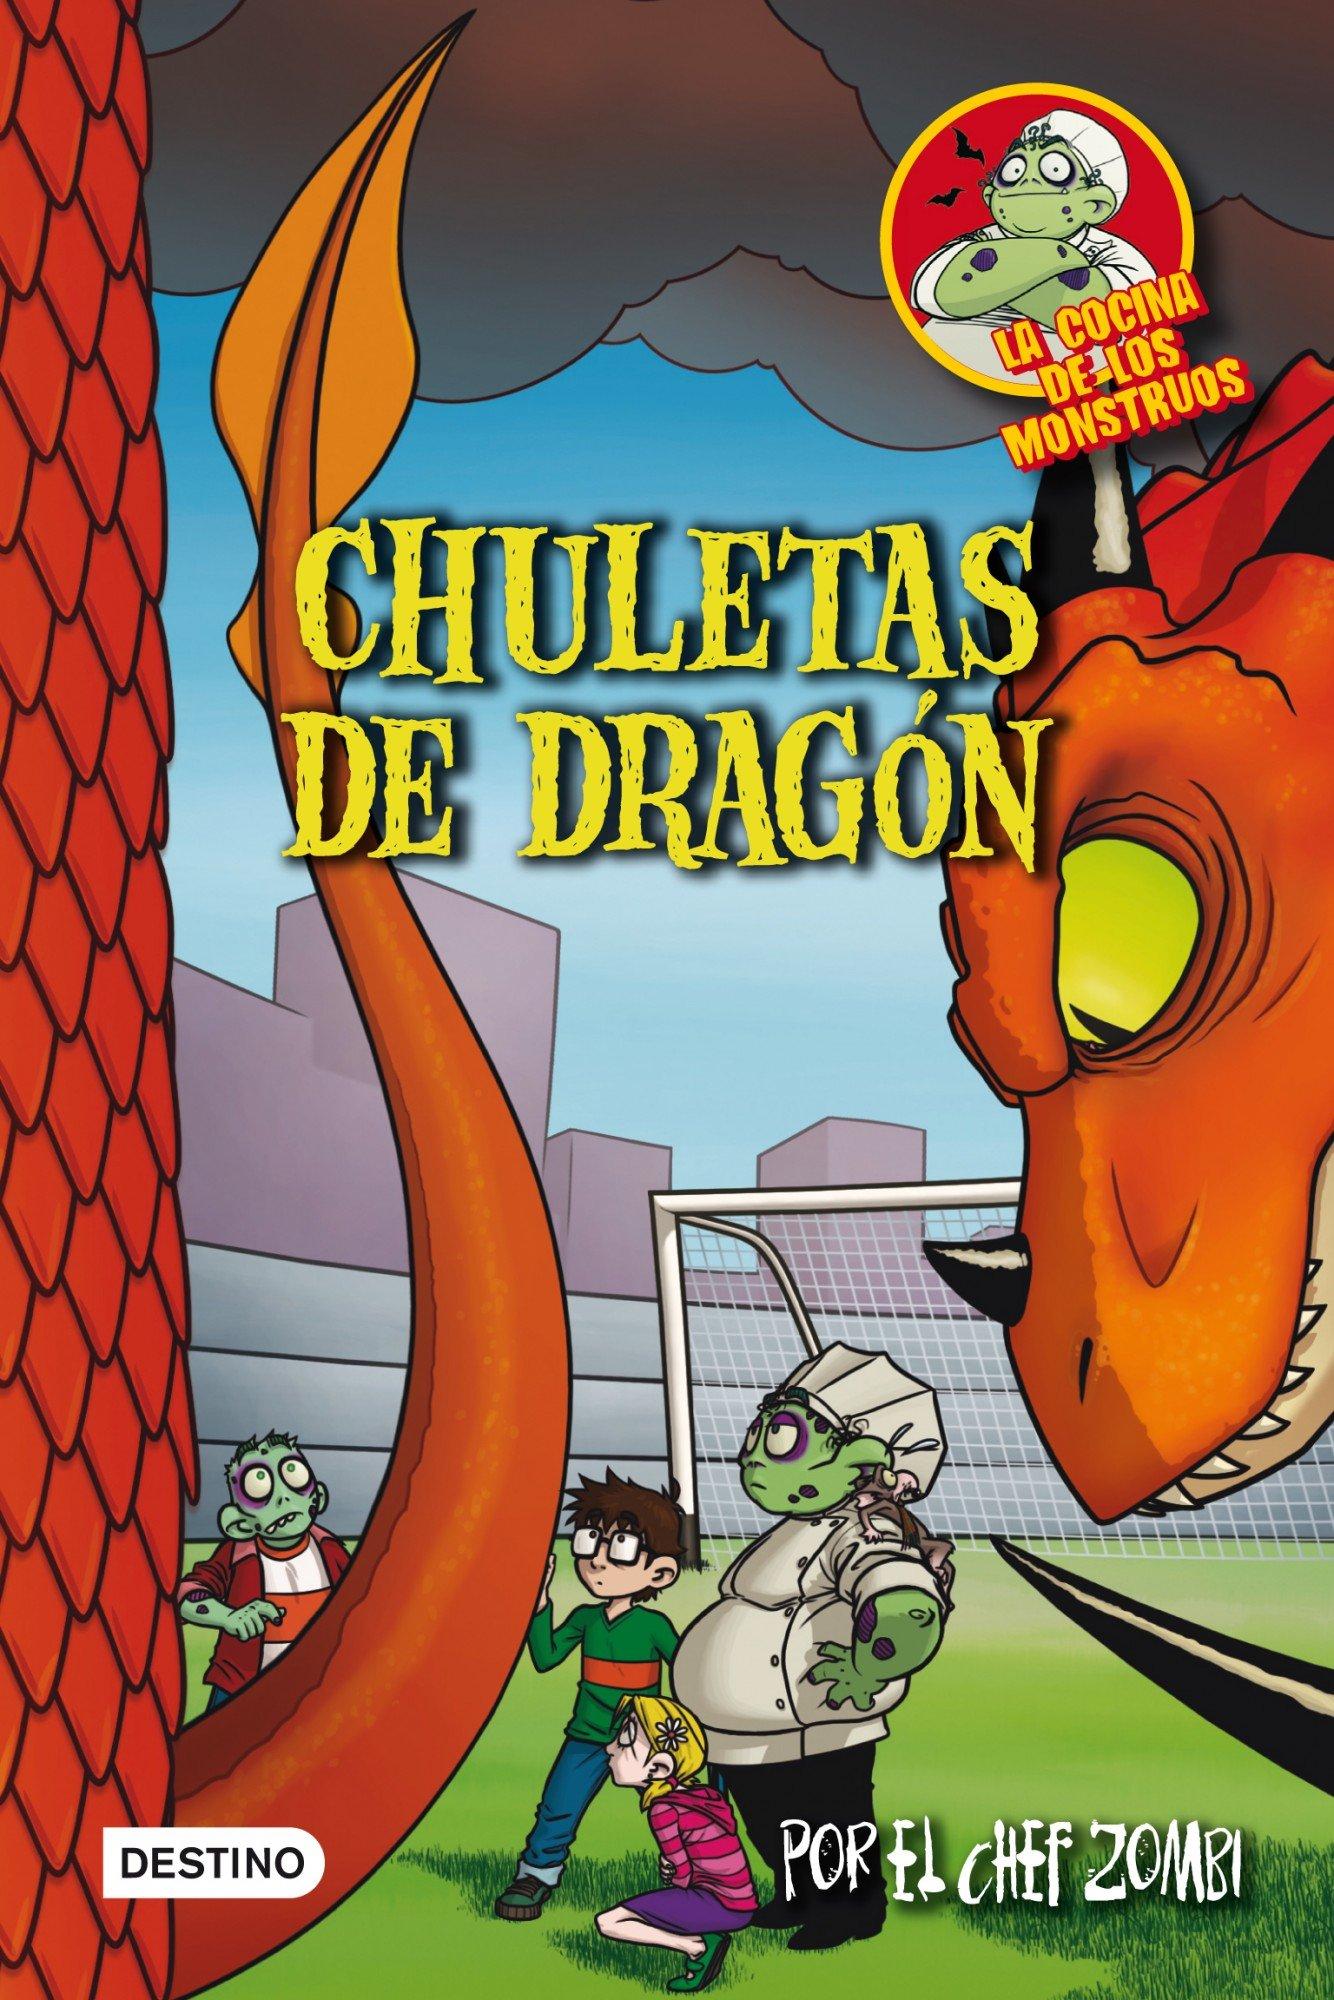 La cocina de los monstruos 7. Chuletas de dragón (Cocina Monstruos)